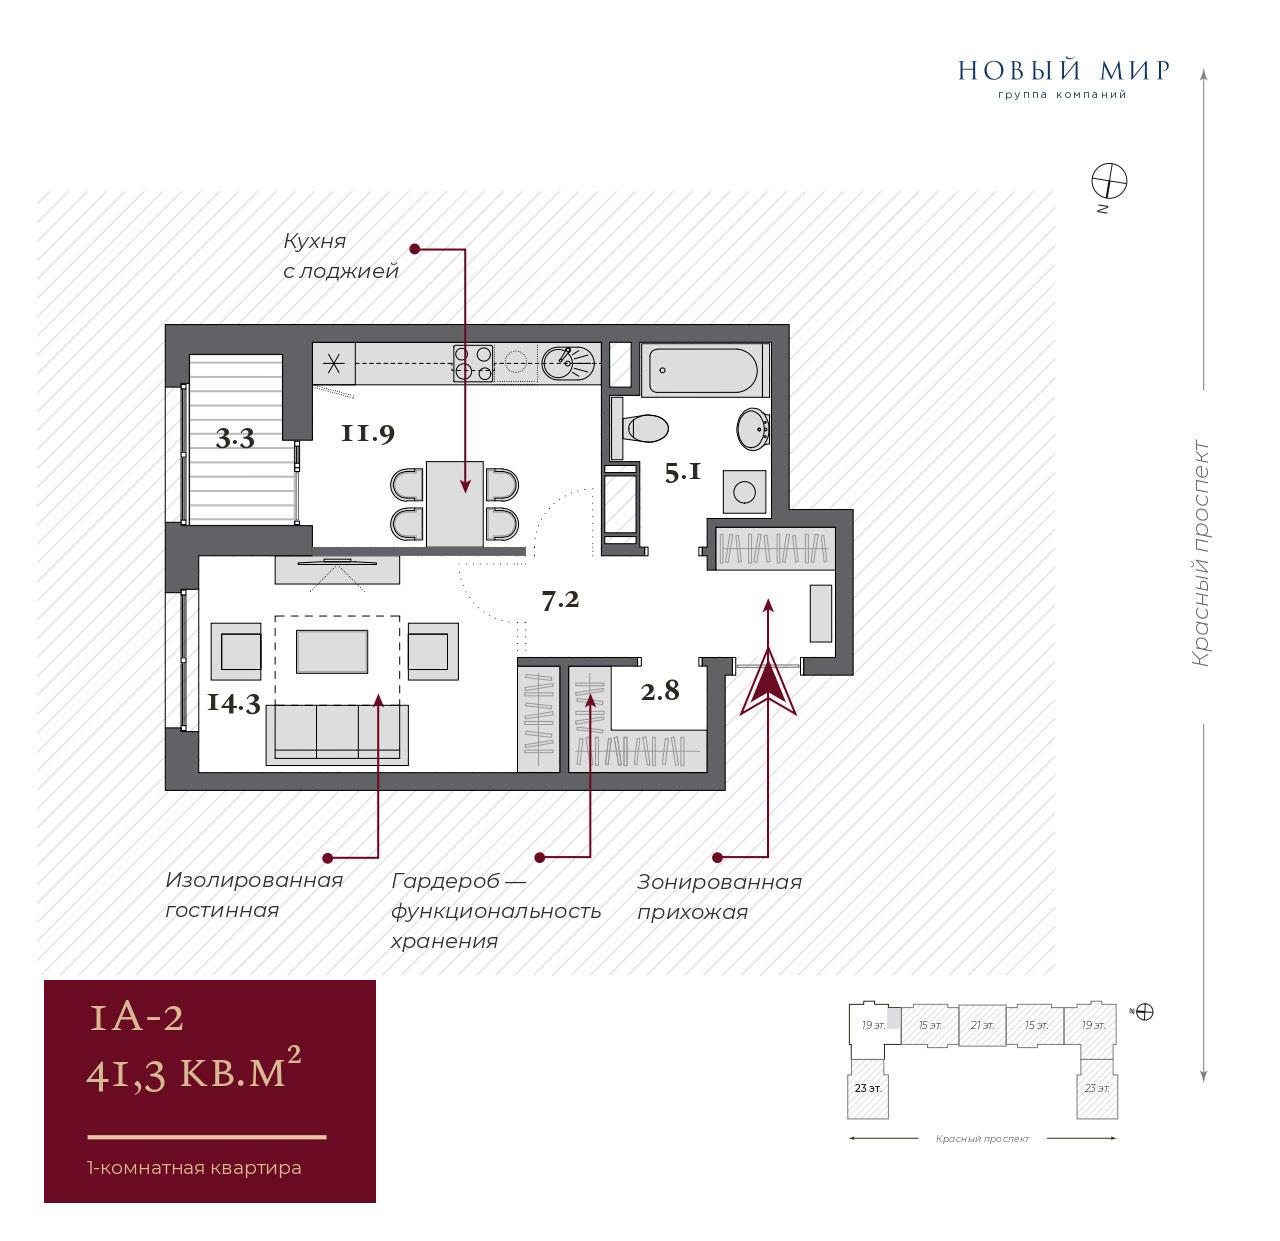 Планировка 1-комнатная площадью 41.3 м<sup>2</sup> в ЖК Нобель